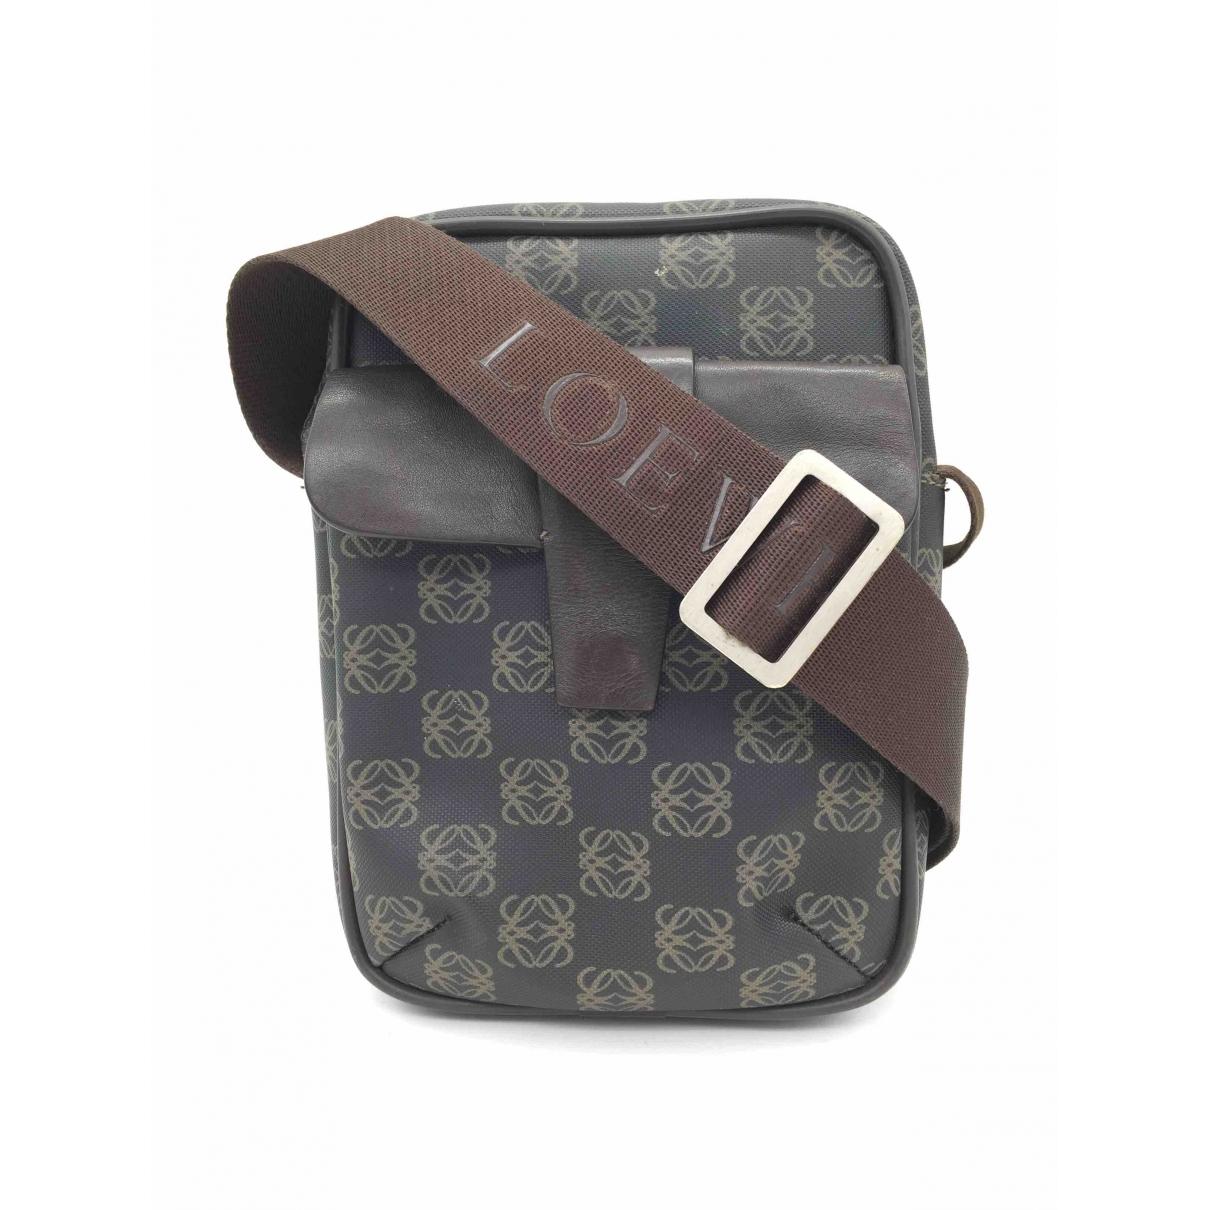 Loewe \N Black Cloth handbag for Women \N